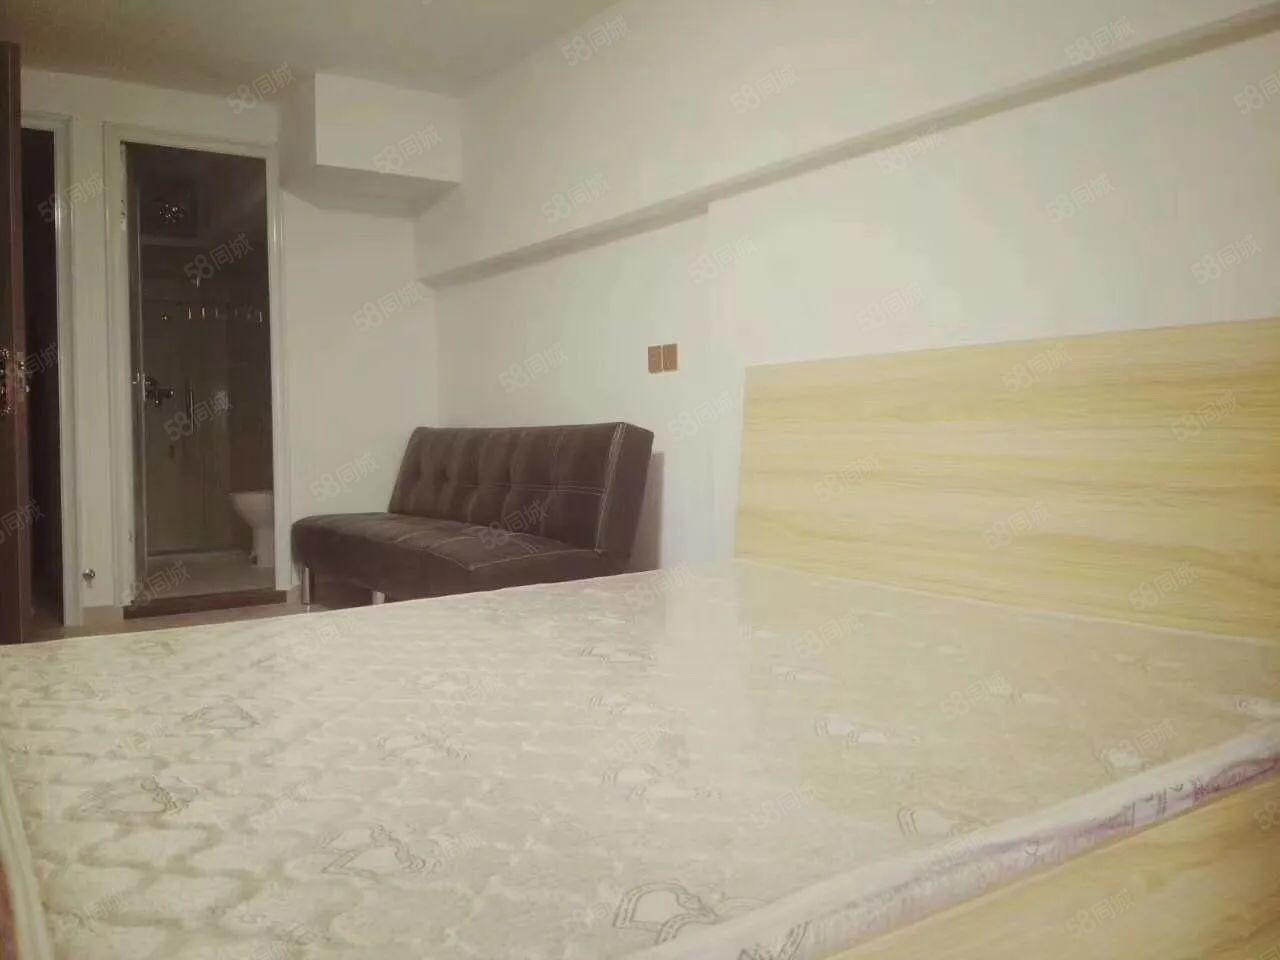 泰禾红树林万达旁精装单身公寓设备全新让您找到家的温暖